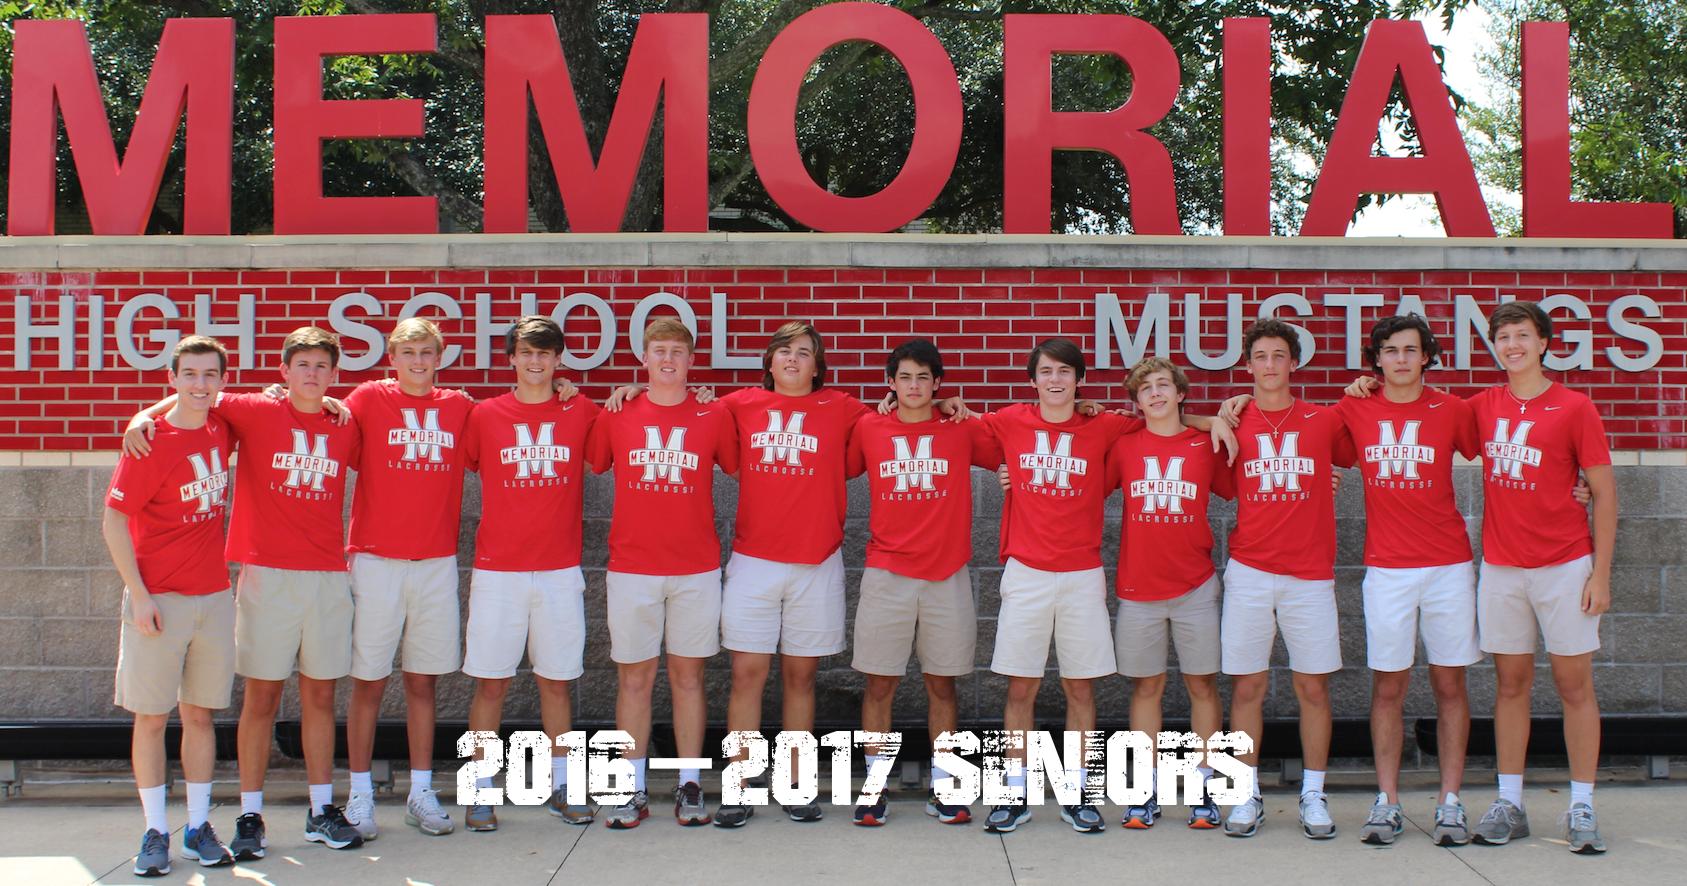 Memorial Boys Lacrosse, Lacrosse, Goal, Field